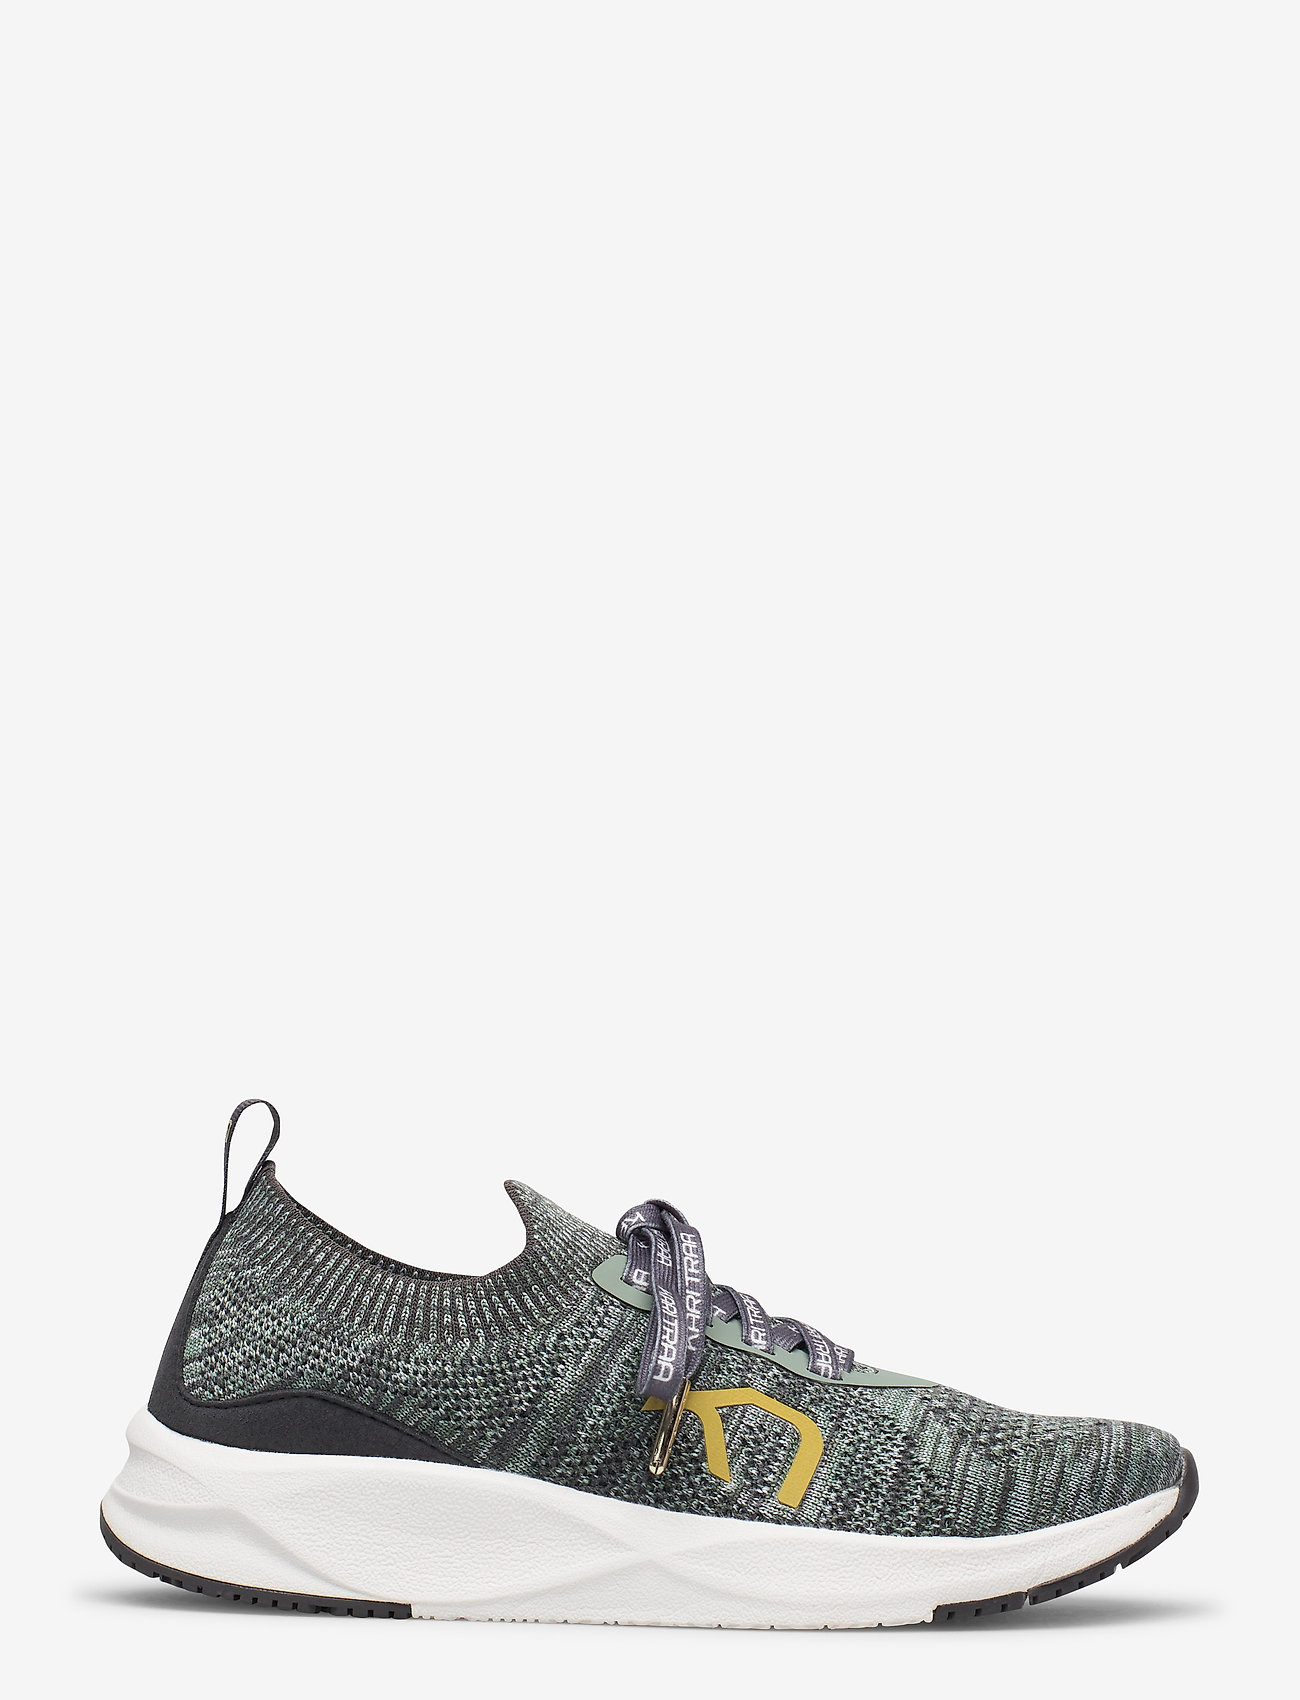 Kari Traa - BYKS - low top sneakers - thyme - 1